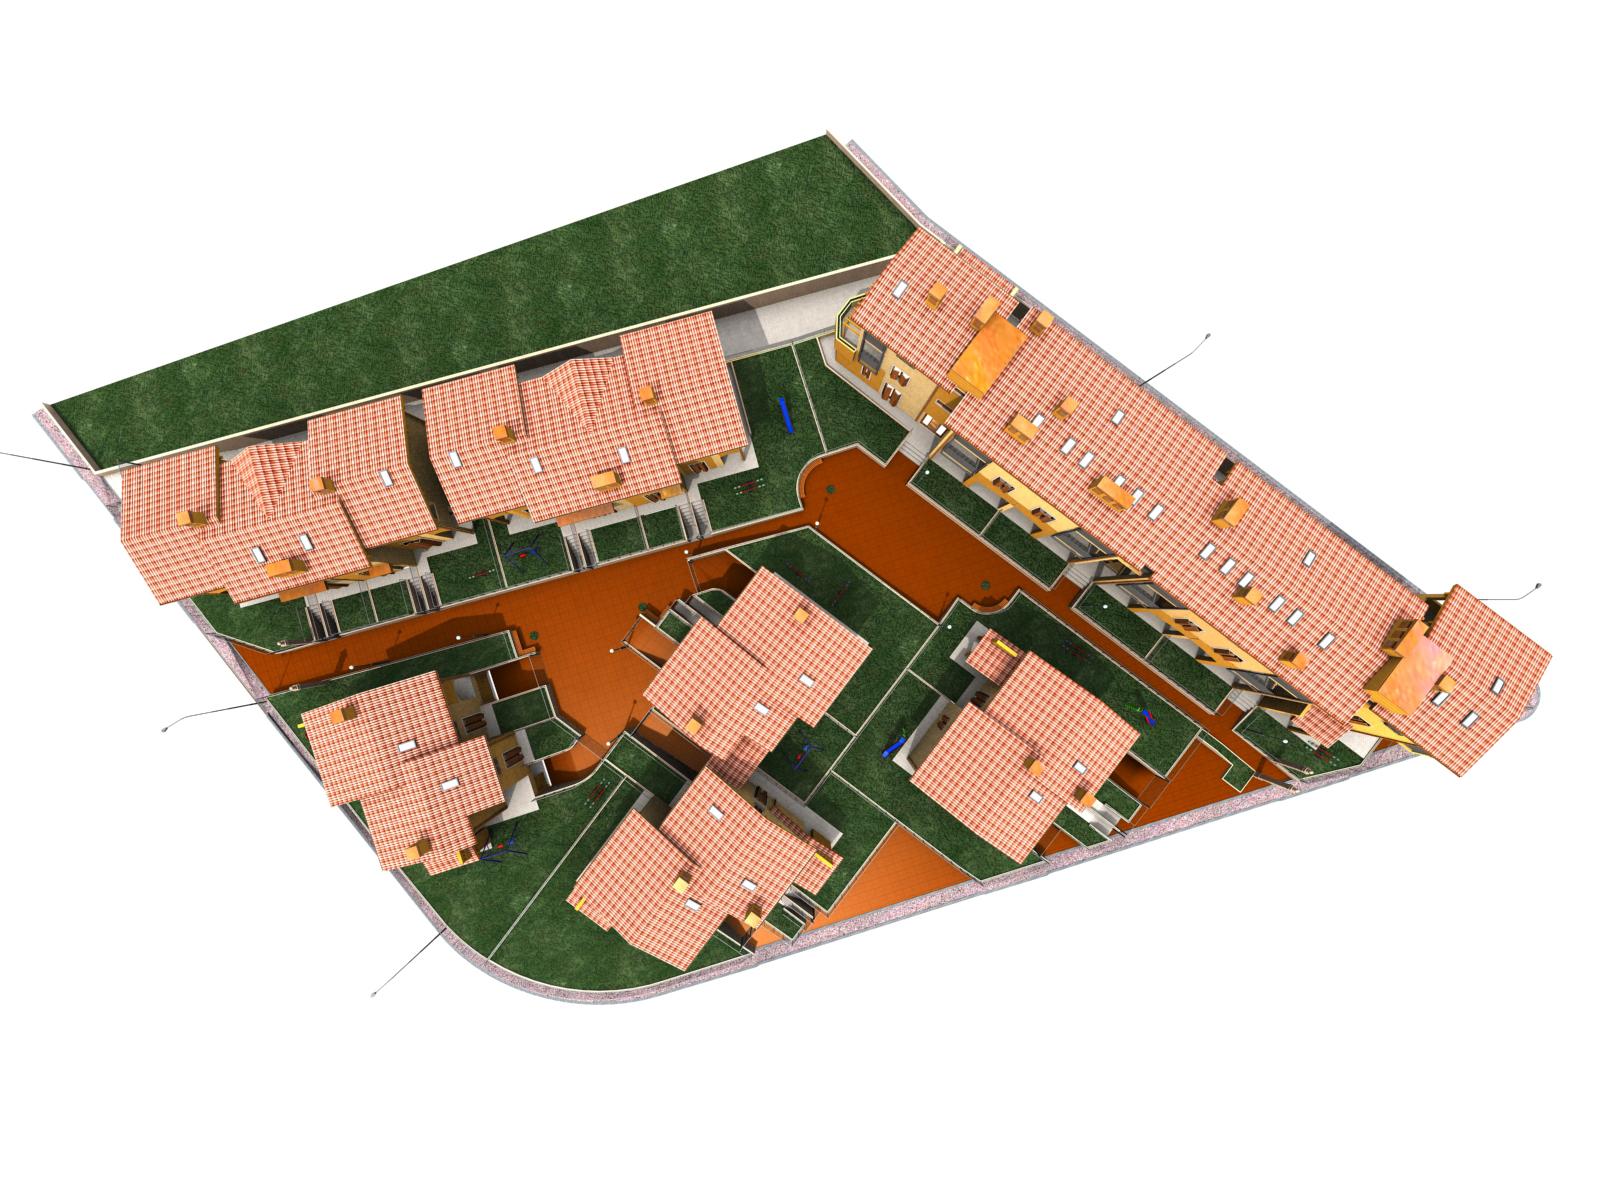 Studio-di-architettura-Baisotti-Sigala-prgetti641